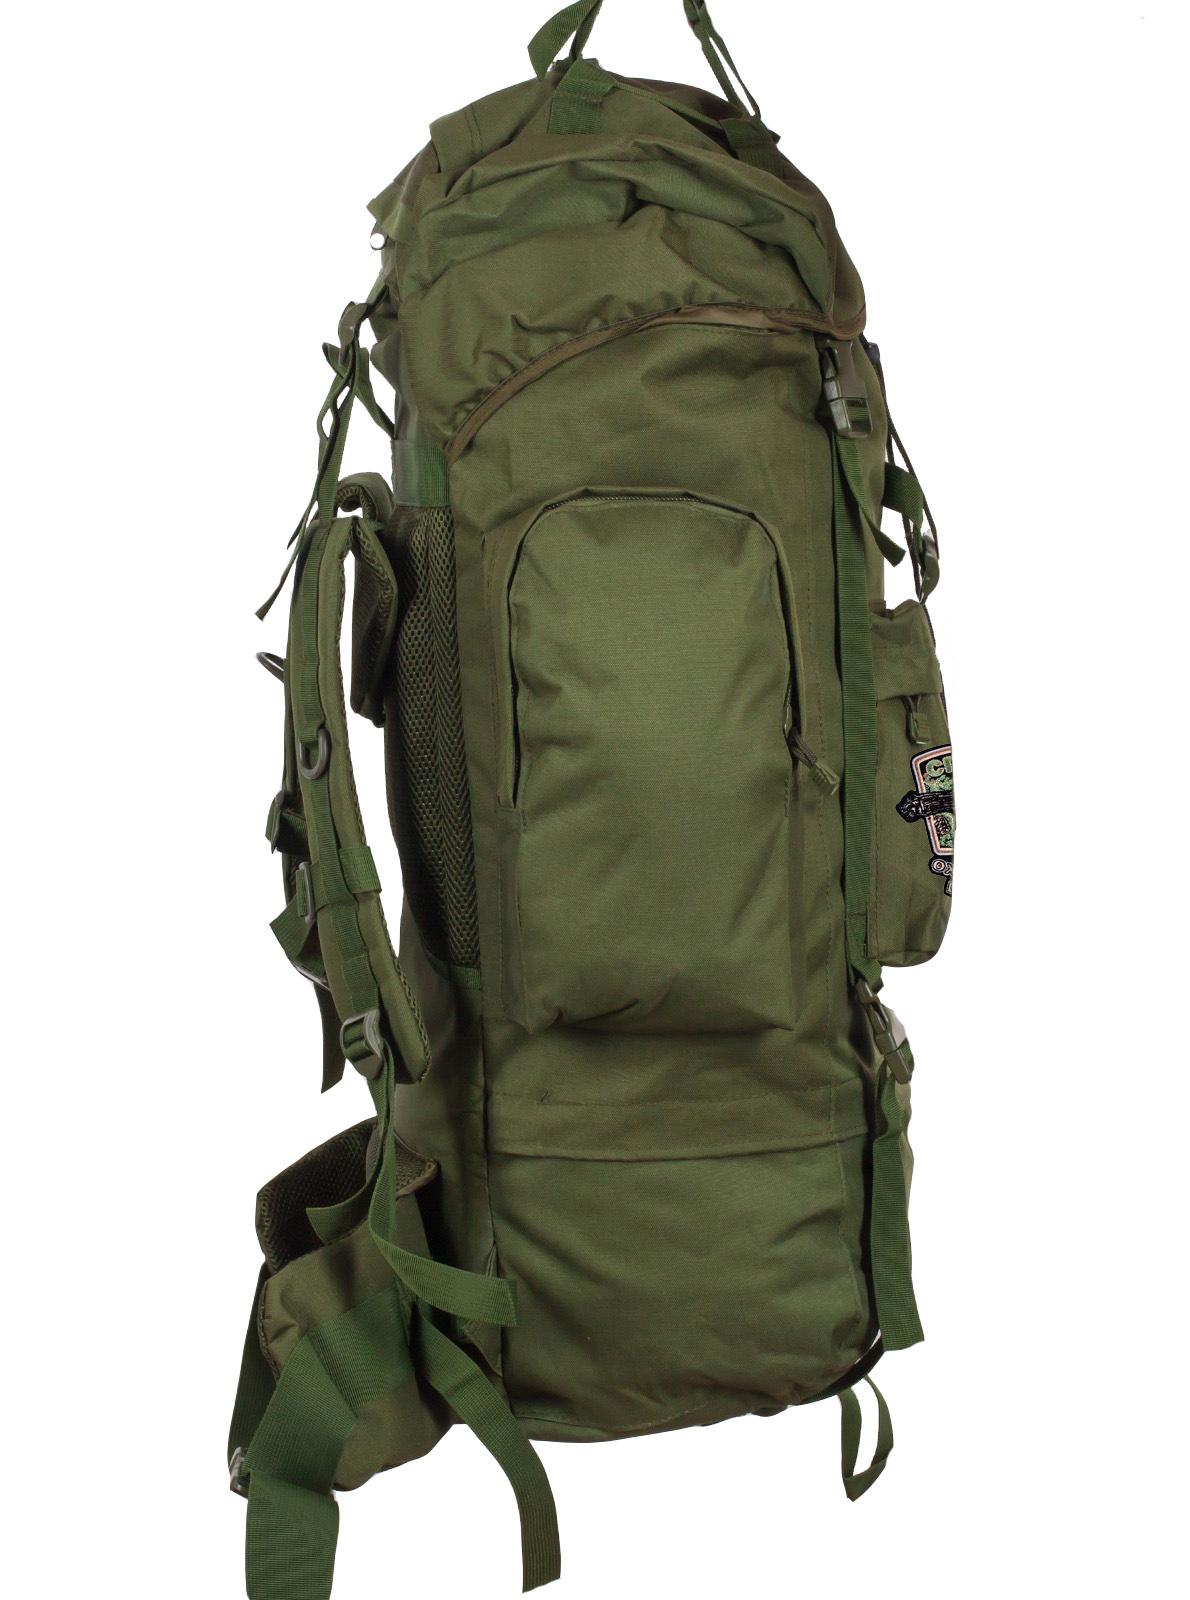 Тактический рюкзак цвета хаки с нашивкой Охотничий спецназ купить в подарок